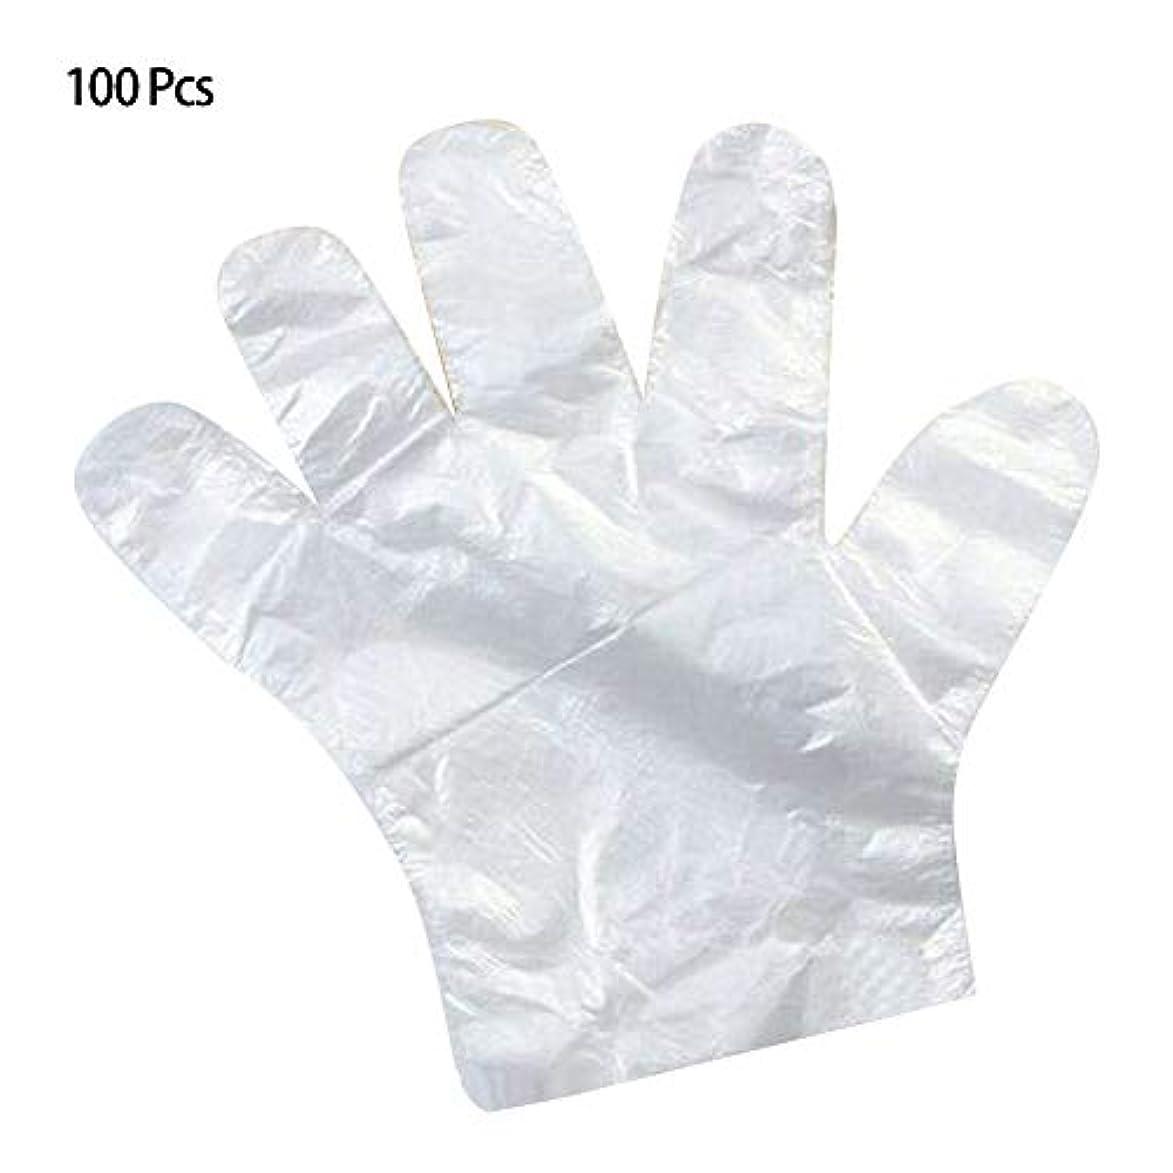 親指行方不明毛皮使い捨て手袋 極薄ビニール手袋 ポリエチレン 透明 実用 衛生 100枚*2セット